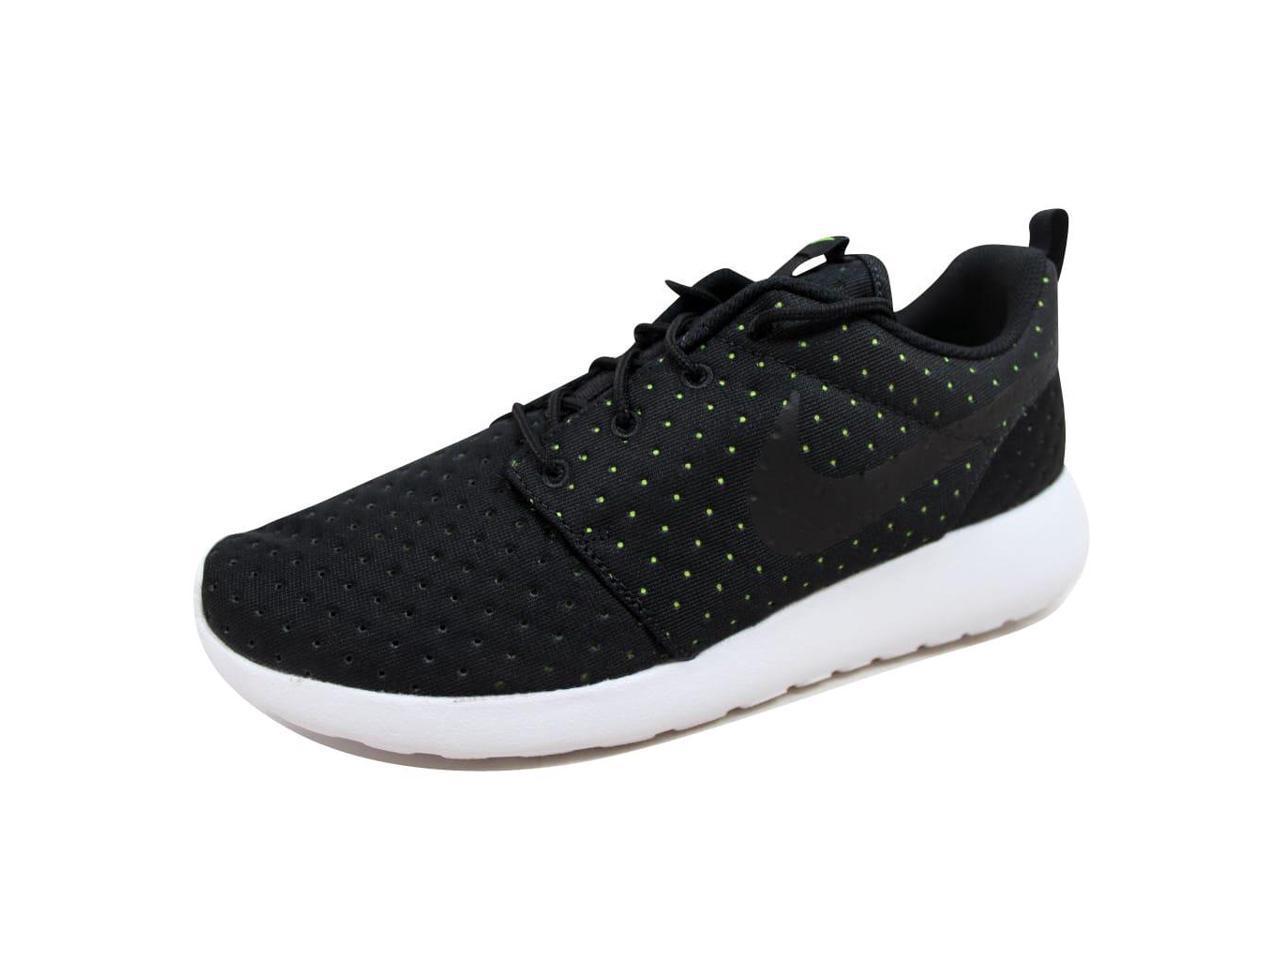 Nike Men's Roshe 844687-001 One 1 SE Black/Black-Volt 844687-001 Roshe Size 9.5 28ac12